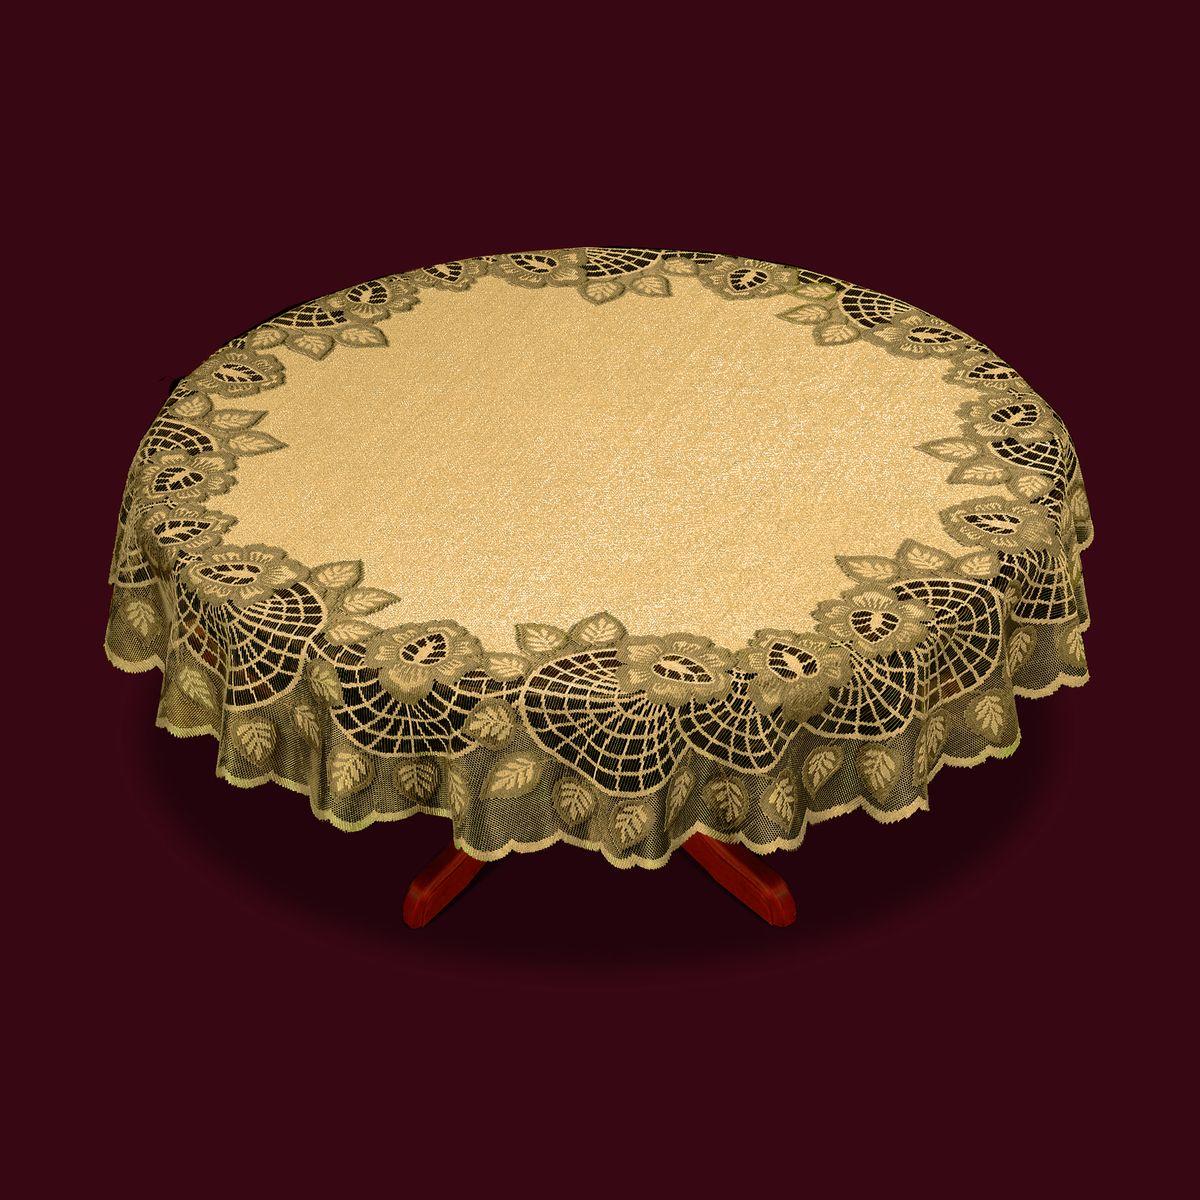 Скатерть Haft, цвет: кофейный, коричневый, диаметр 150 см38703-150Великолепная круглая скатерть Haft, выполненная из полиэстера, органично впишется в интерьер любого помещения, а оригинальный дизайн удовлетворит даже самый изысканный вкус. Скатерть изготовлена из сетчатого материала с ажурным цветочным рисунком. Скатерть Haft создаст праздничное настроение и станет прекрасным дополнением интерьера гостиной, кухни или столовой. Диаметр скатерти: 150 см.